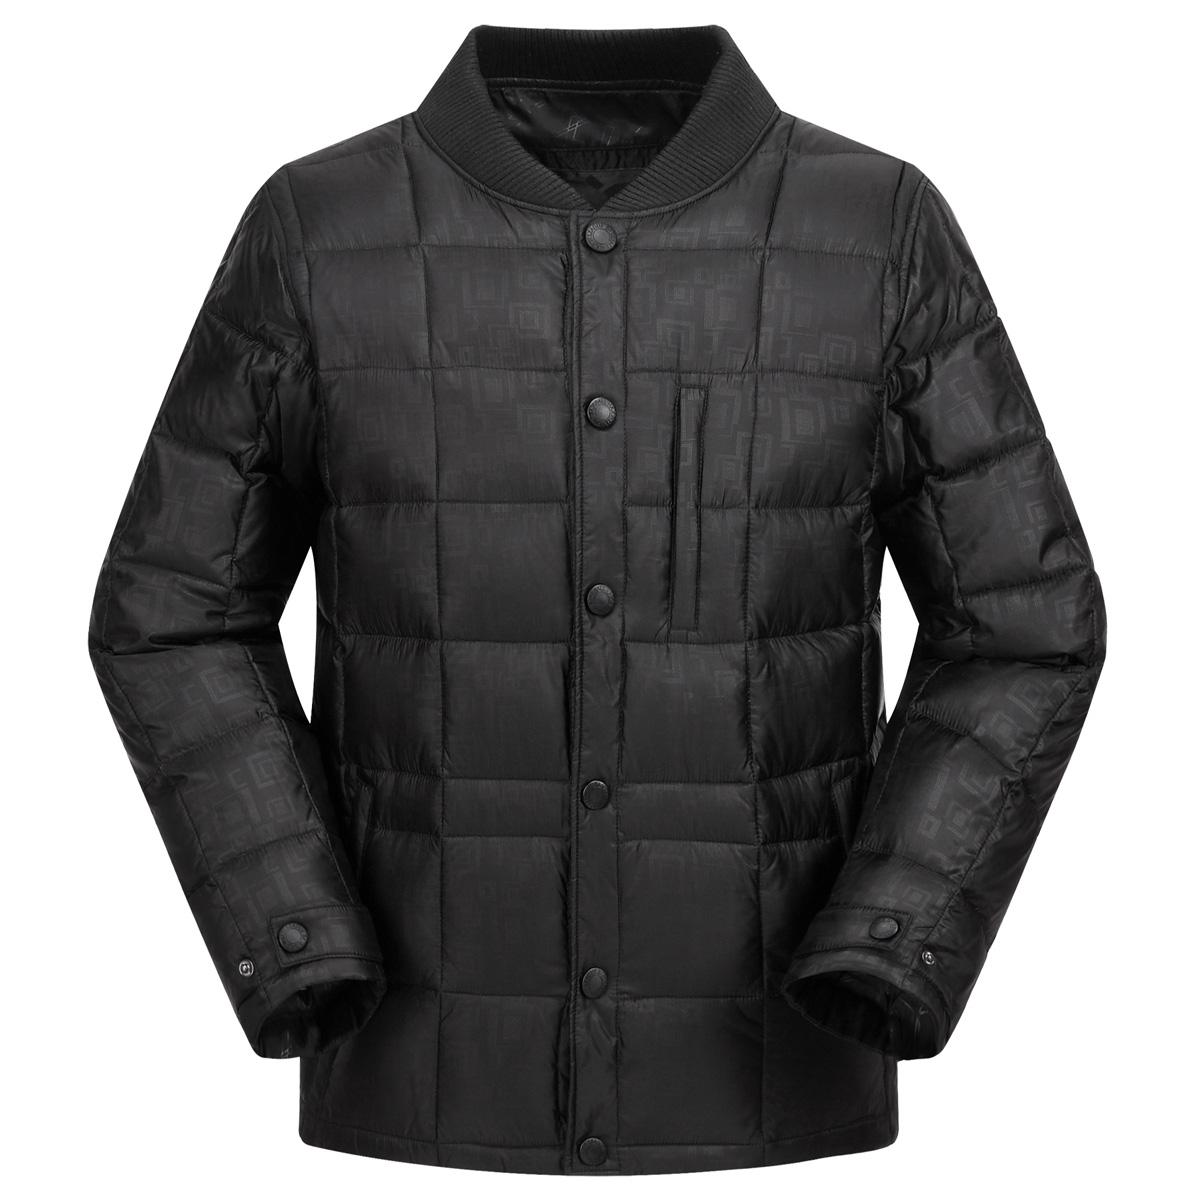 羽绒内胆男中老年加厚新款冬装保暖长袖内外穿羽绒服内胆内恤内衣